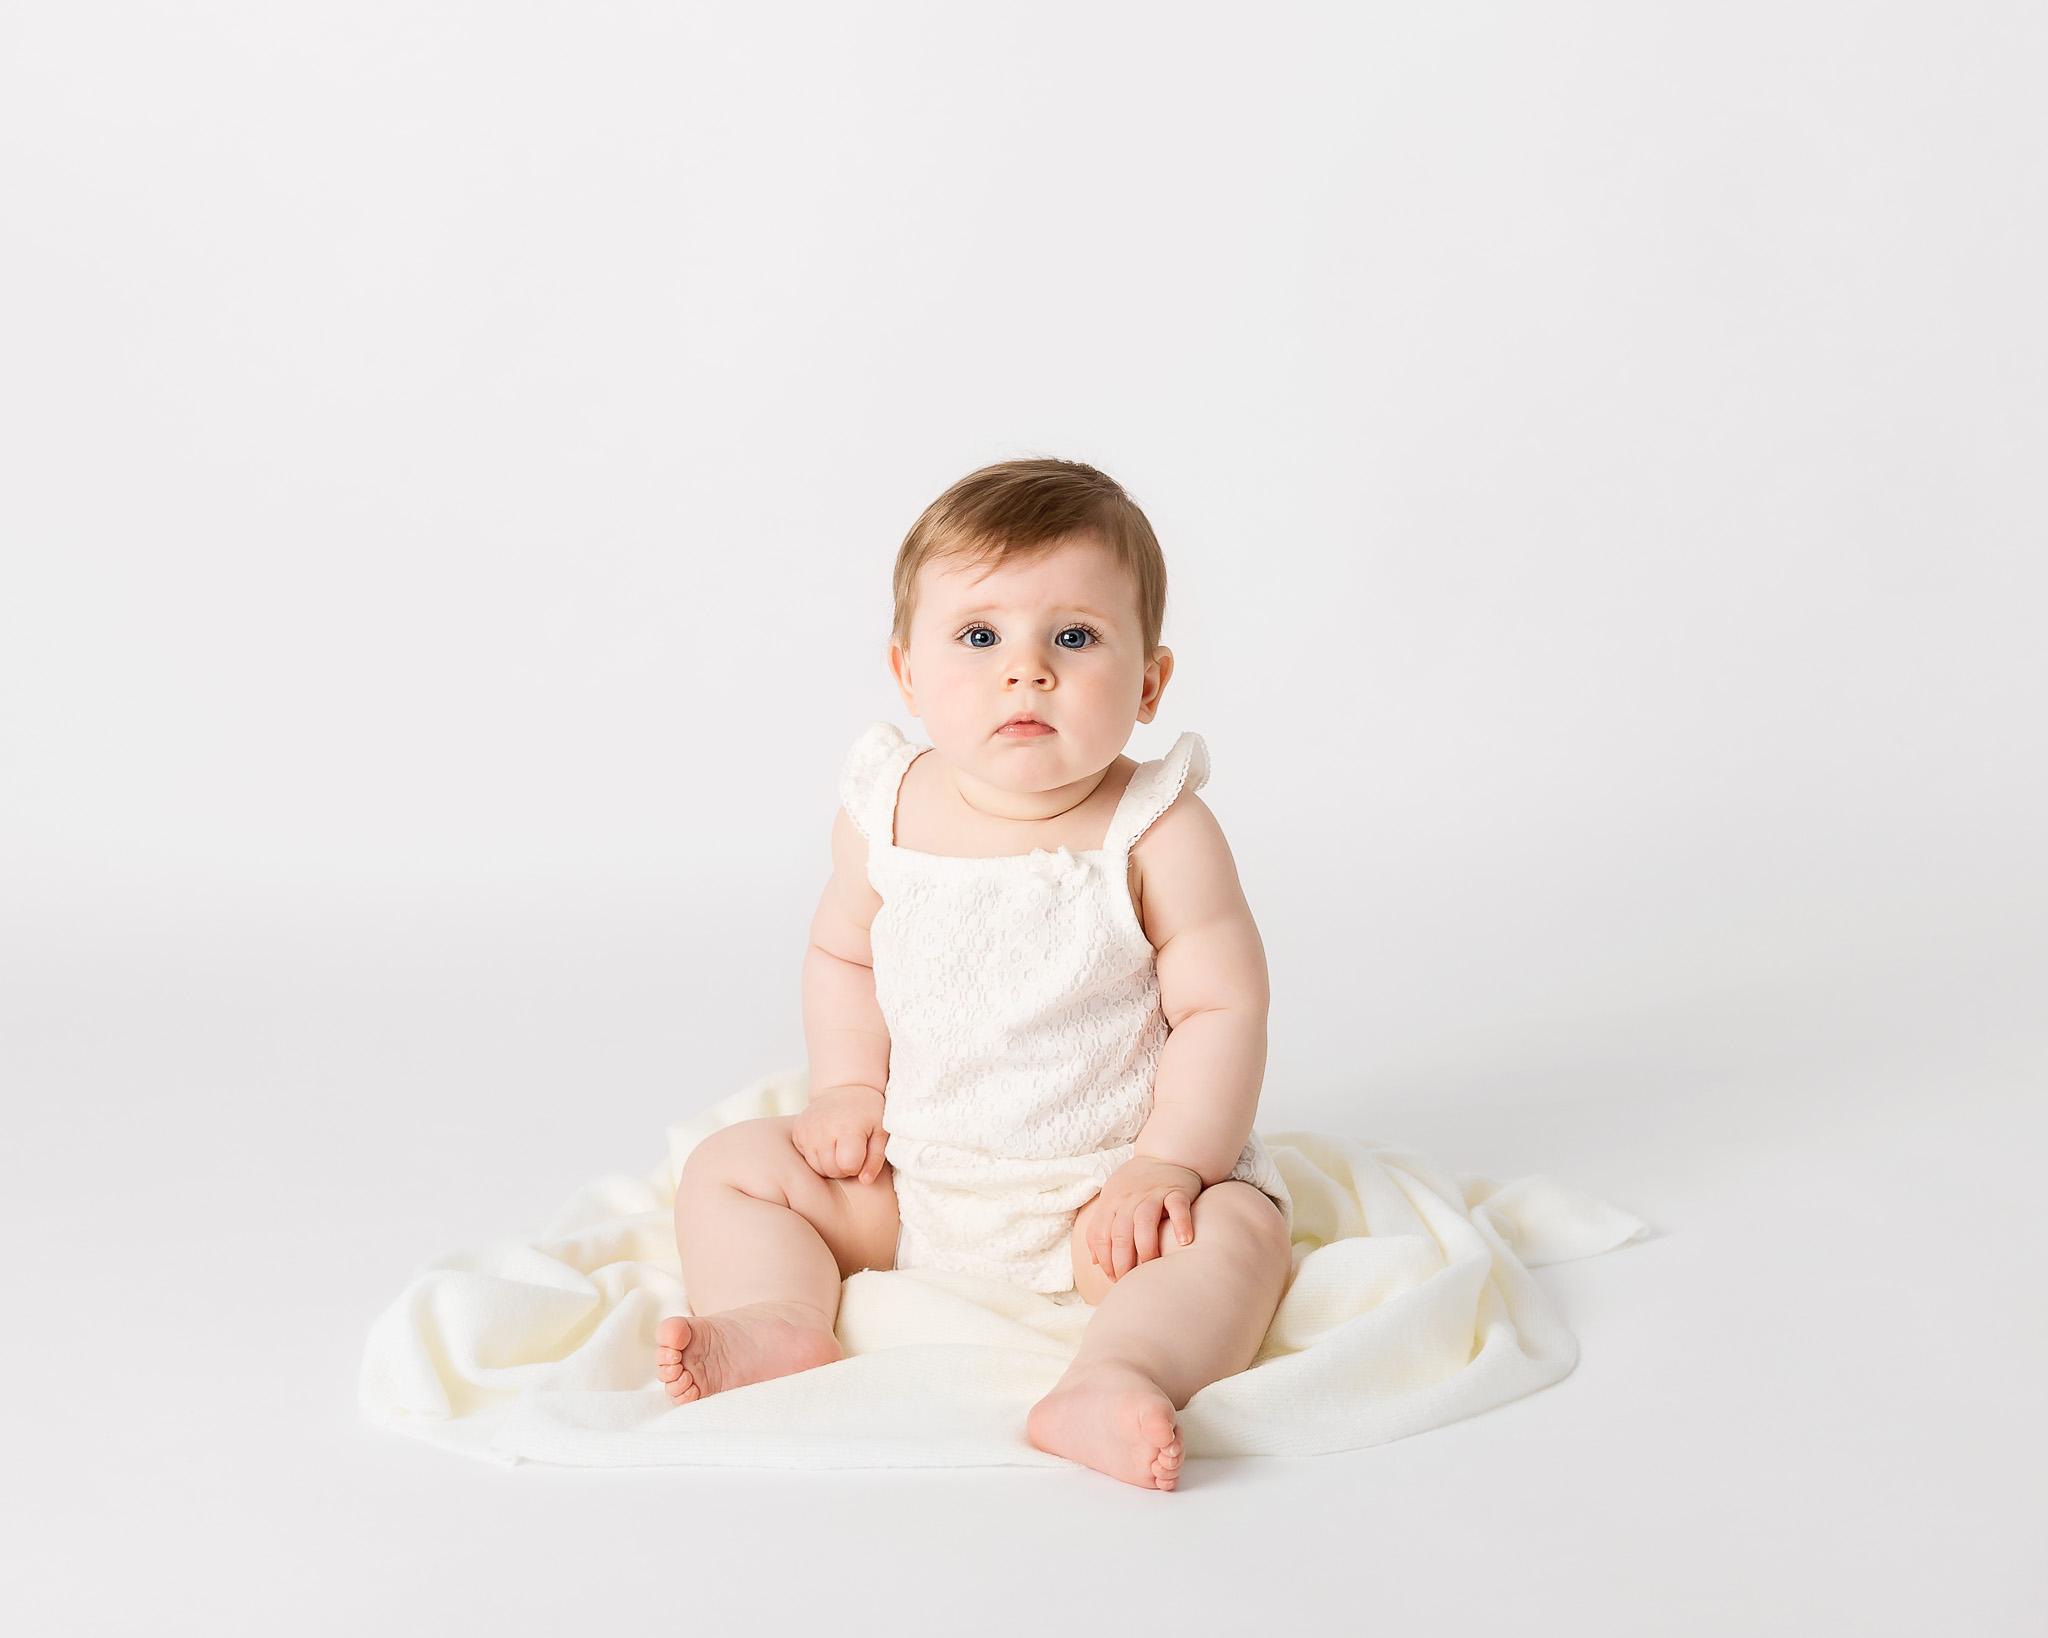 aberdeen baby photographer little sitters